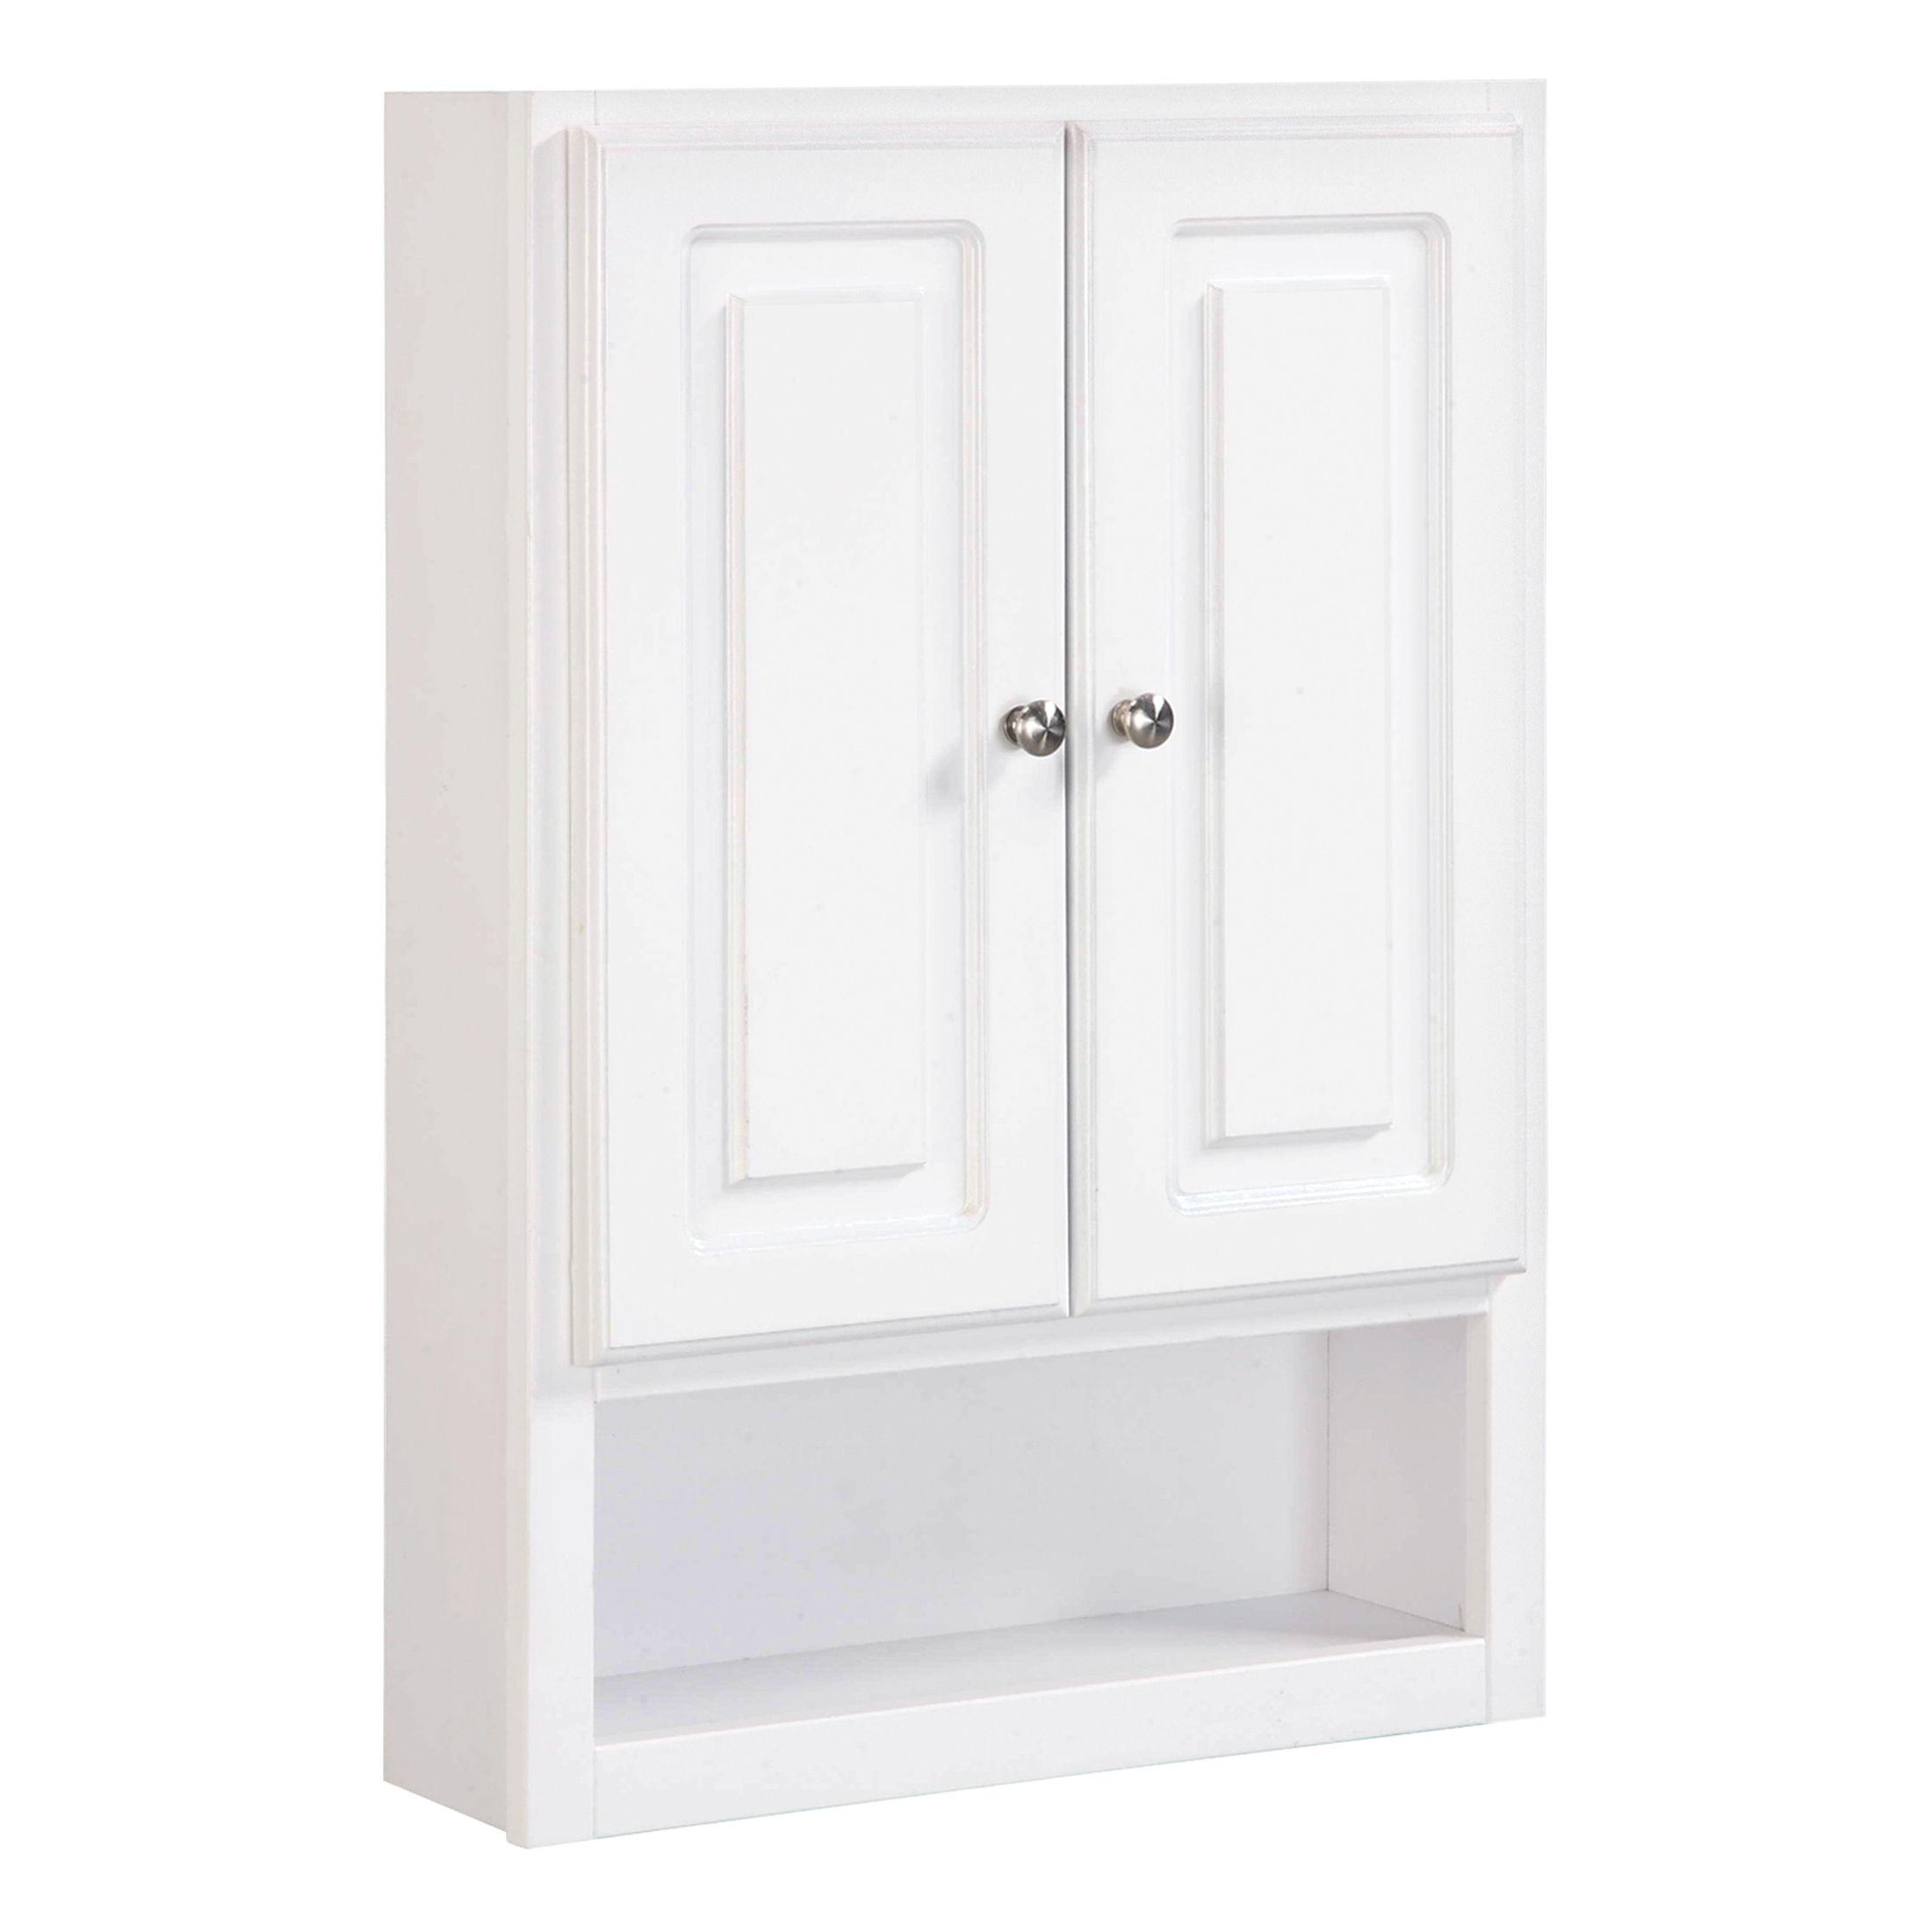 """Concord 2-Door Wall Bathroom Cabinet 21"""", White #531319"""